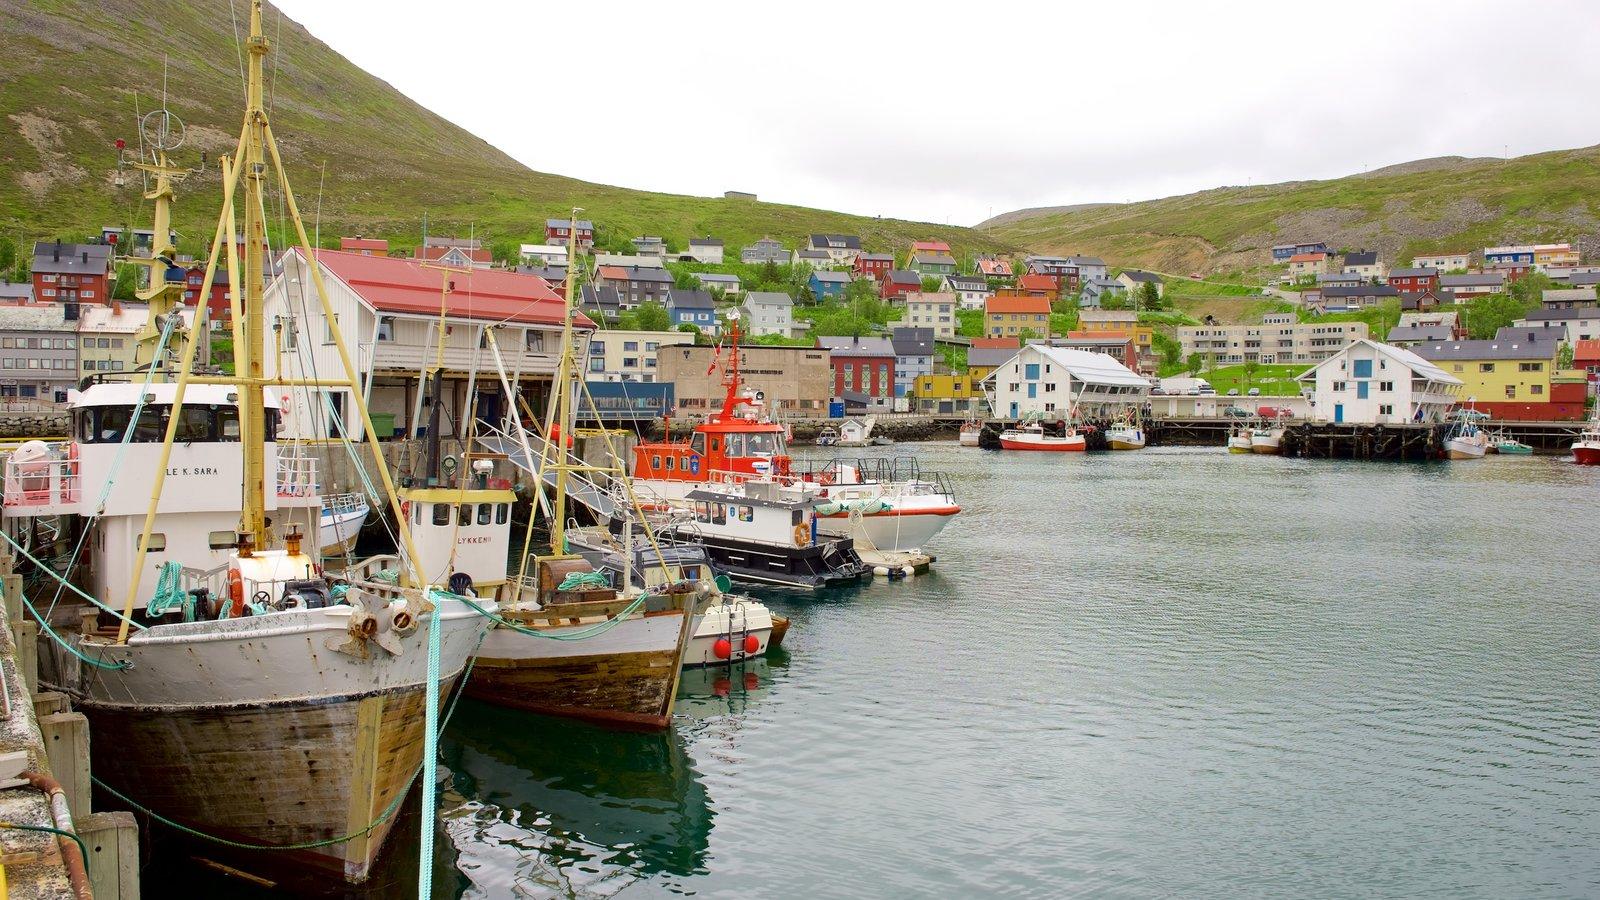 Puerto de Honningsvag ofreciendo una pequeña ciudad o pueblo y paseos en lancha